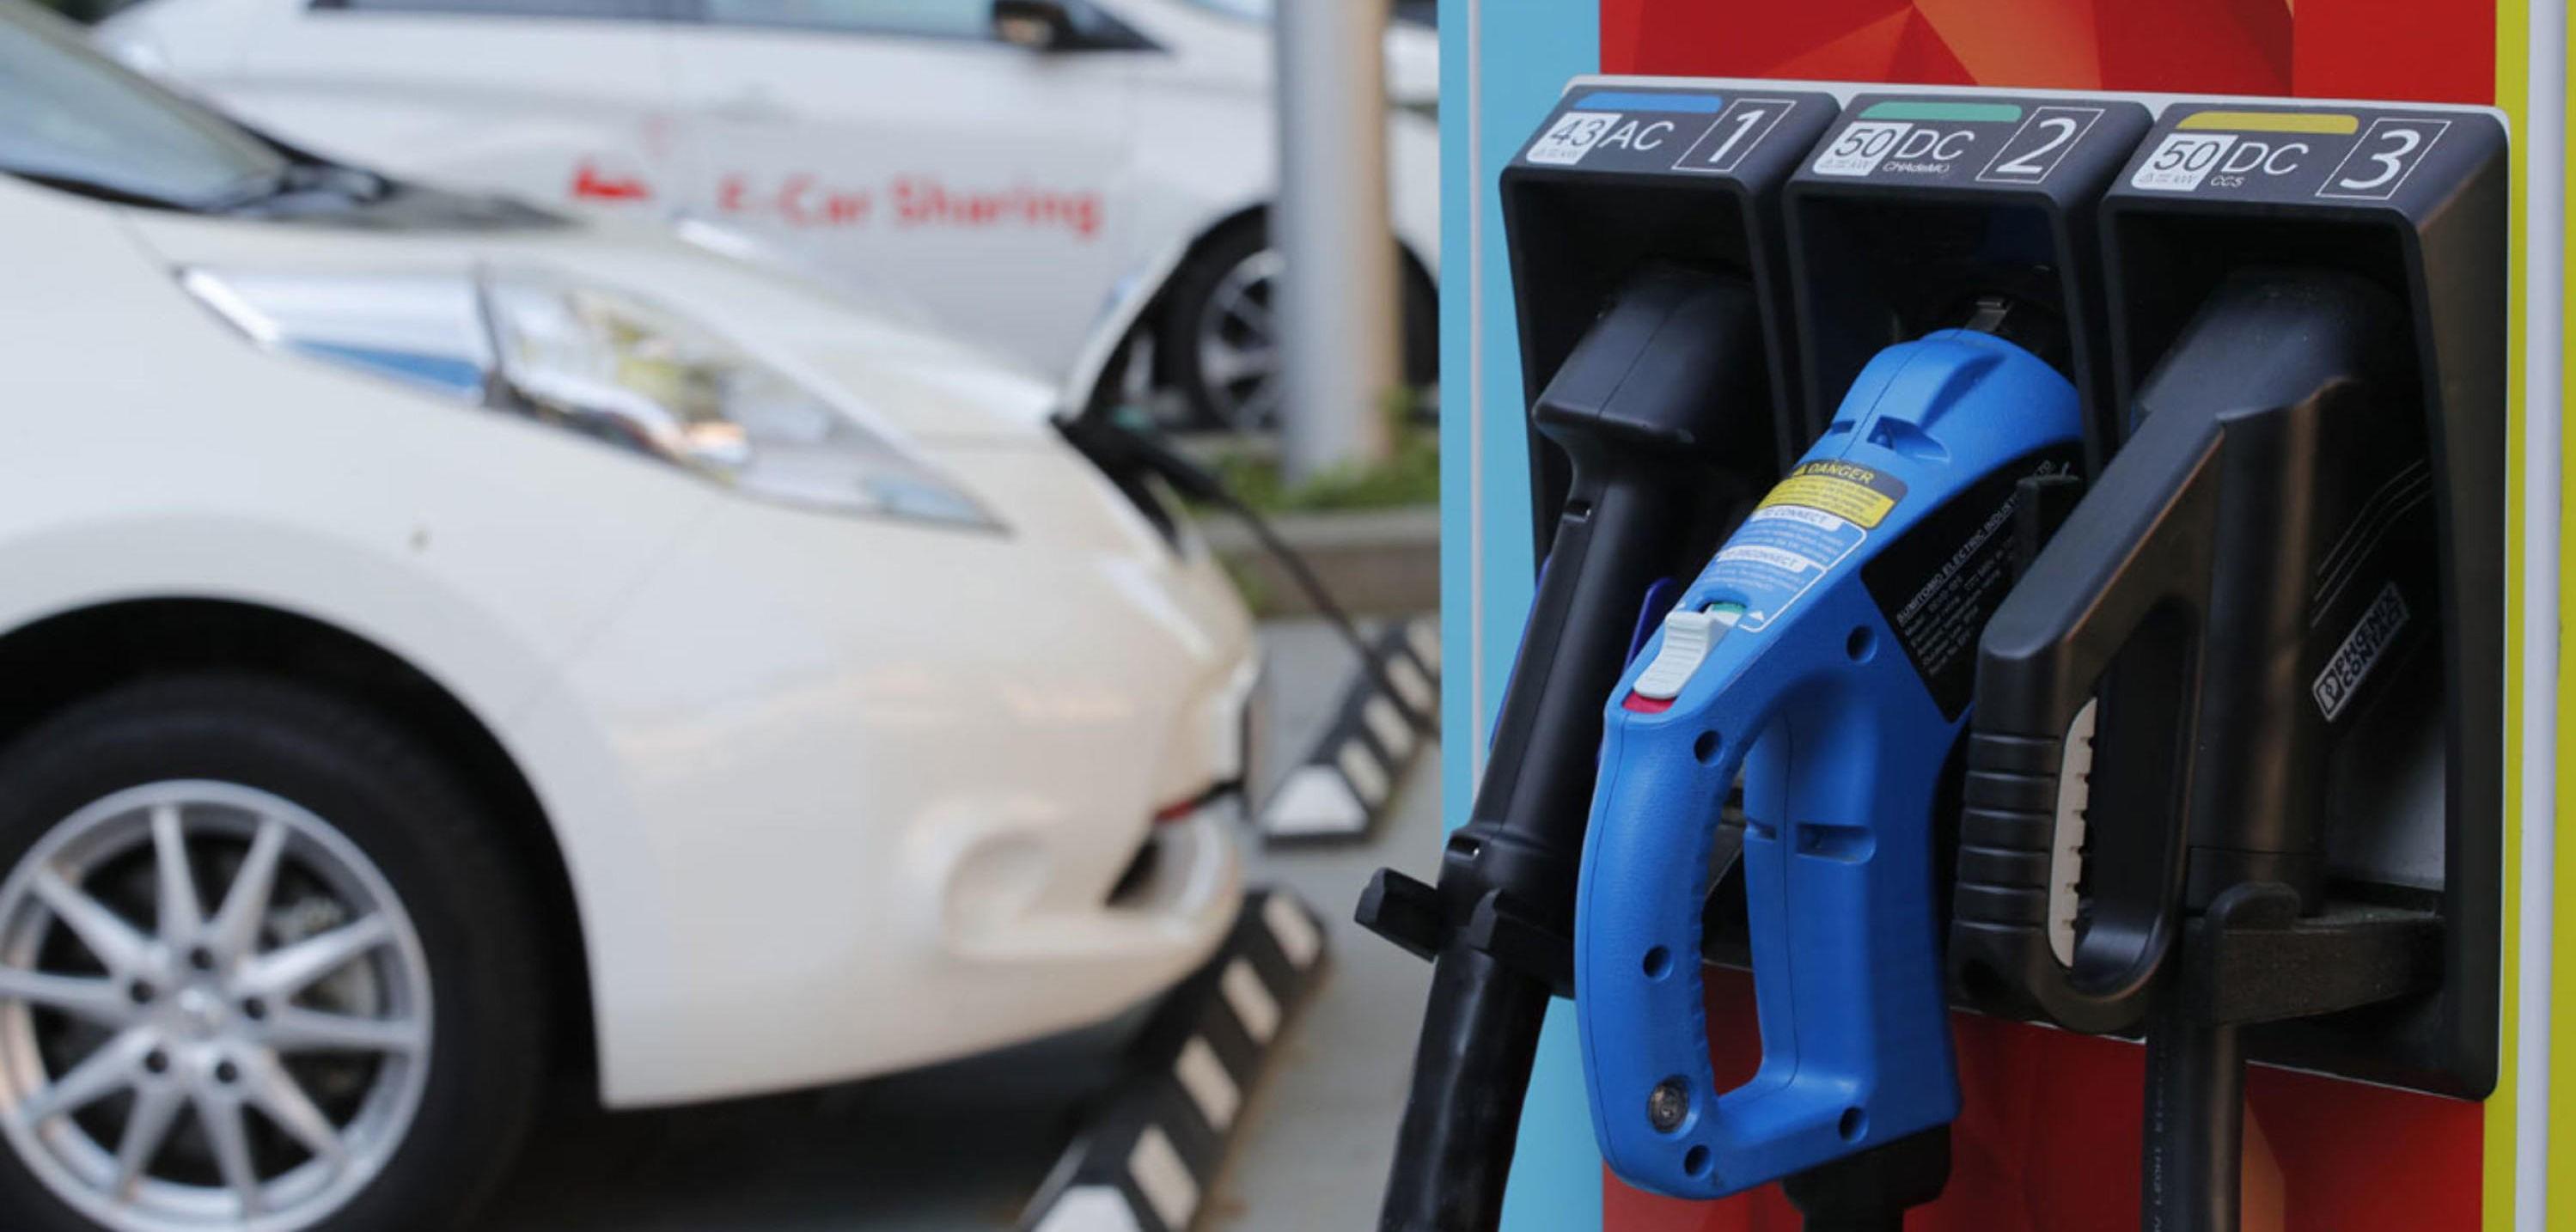 KUN EL FRA 2025? Norske politikere vil at vi bare skal kjøpe nullutslippsbiler fra 2025. Det betyr at både diesel- og bensinbiler må fases ut innen da.